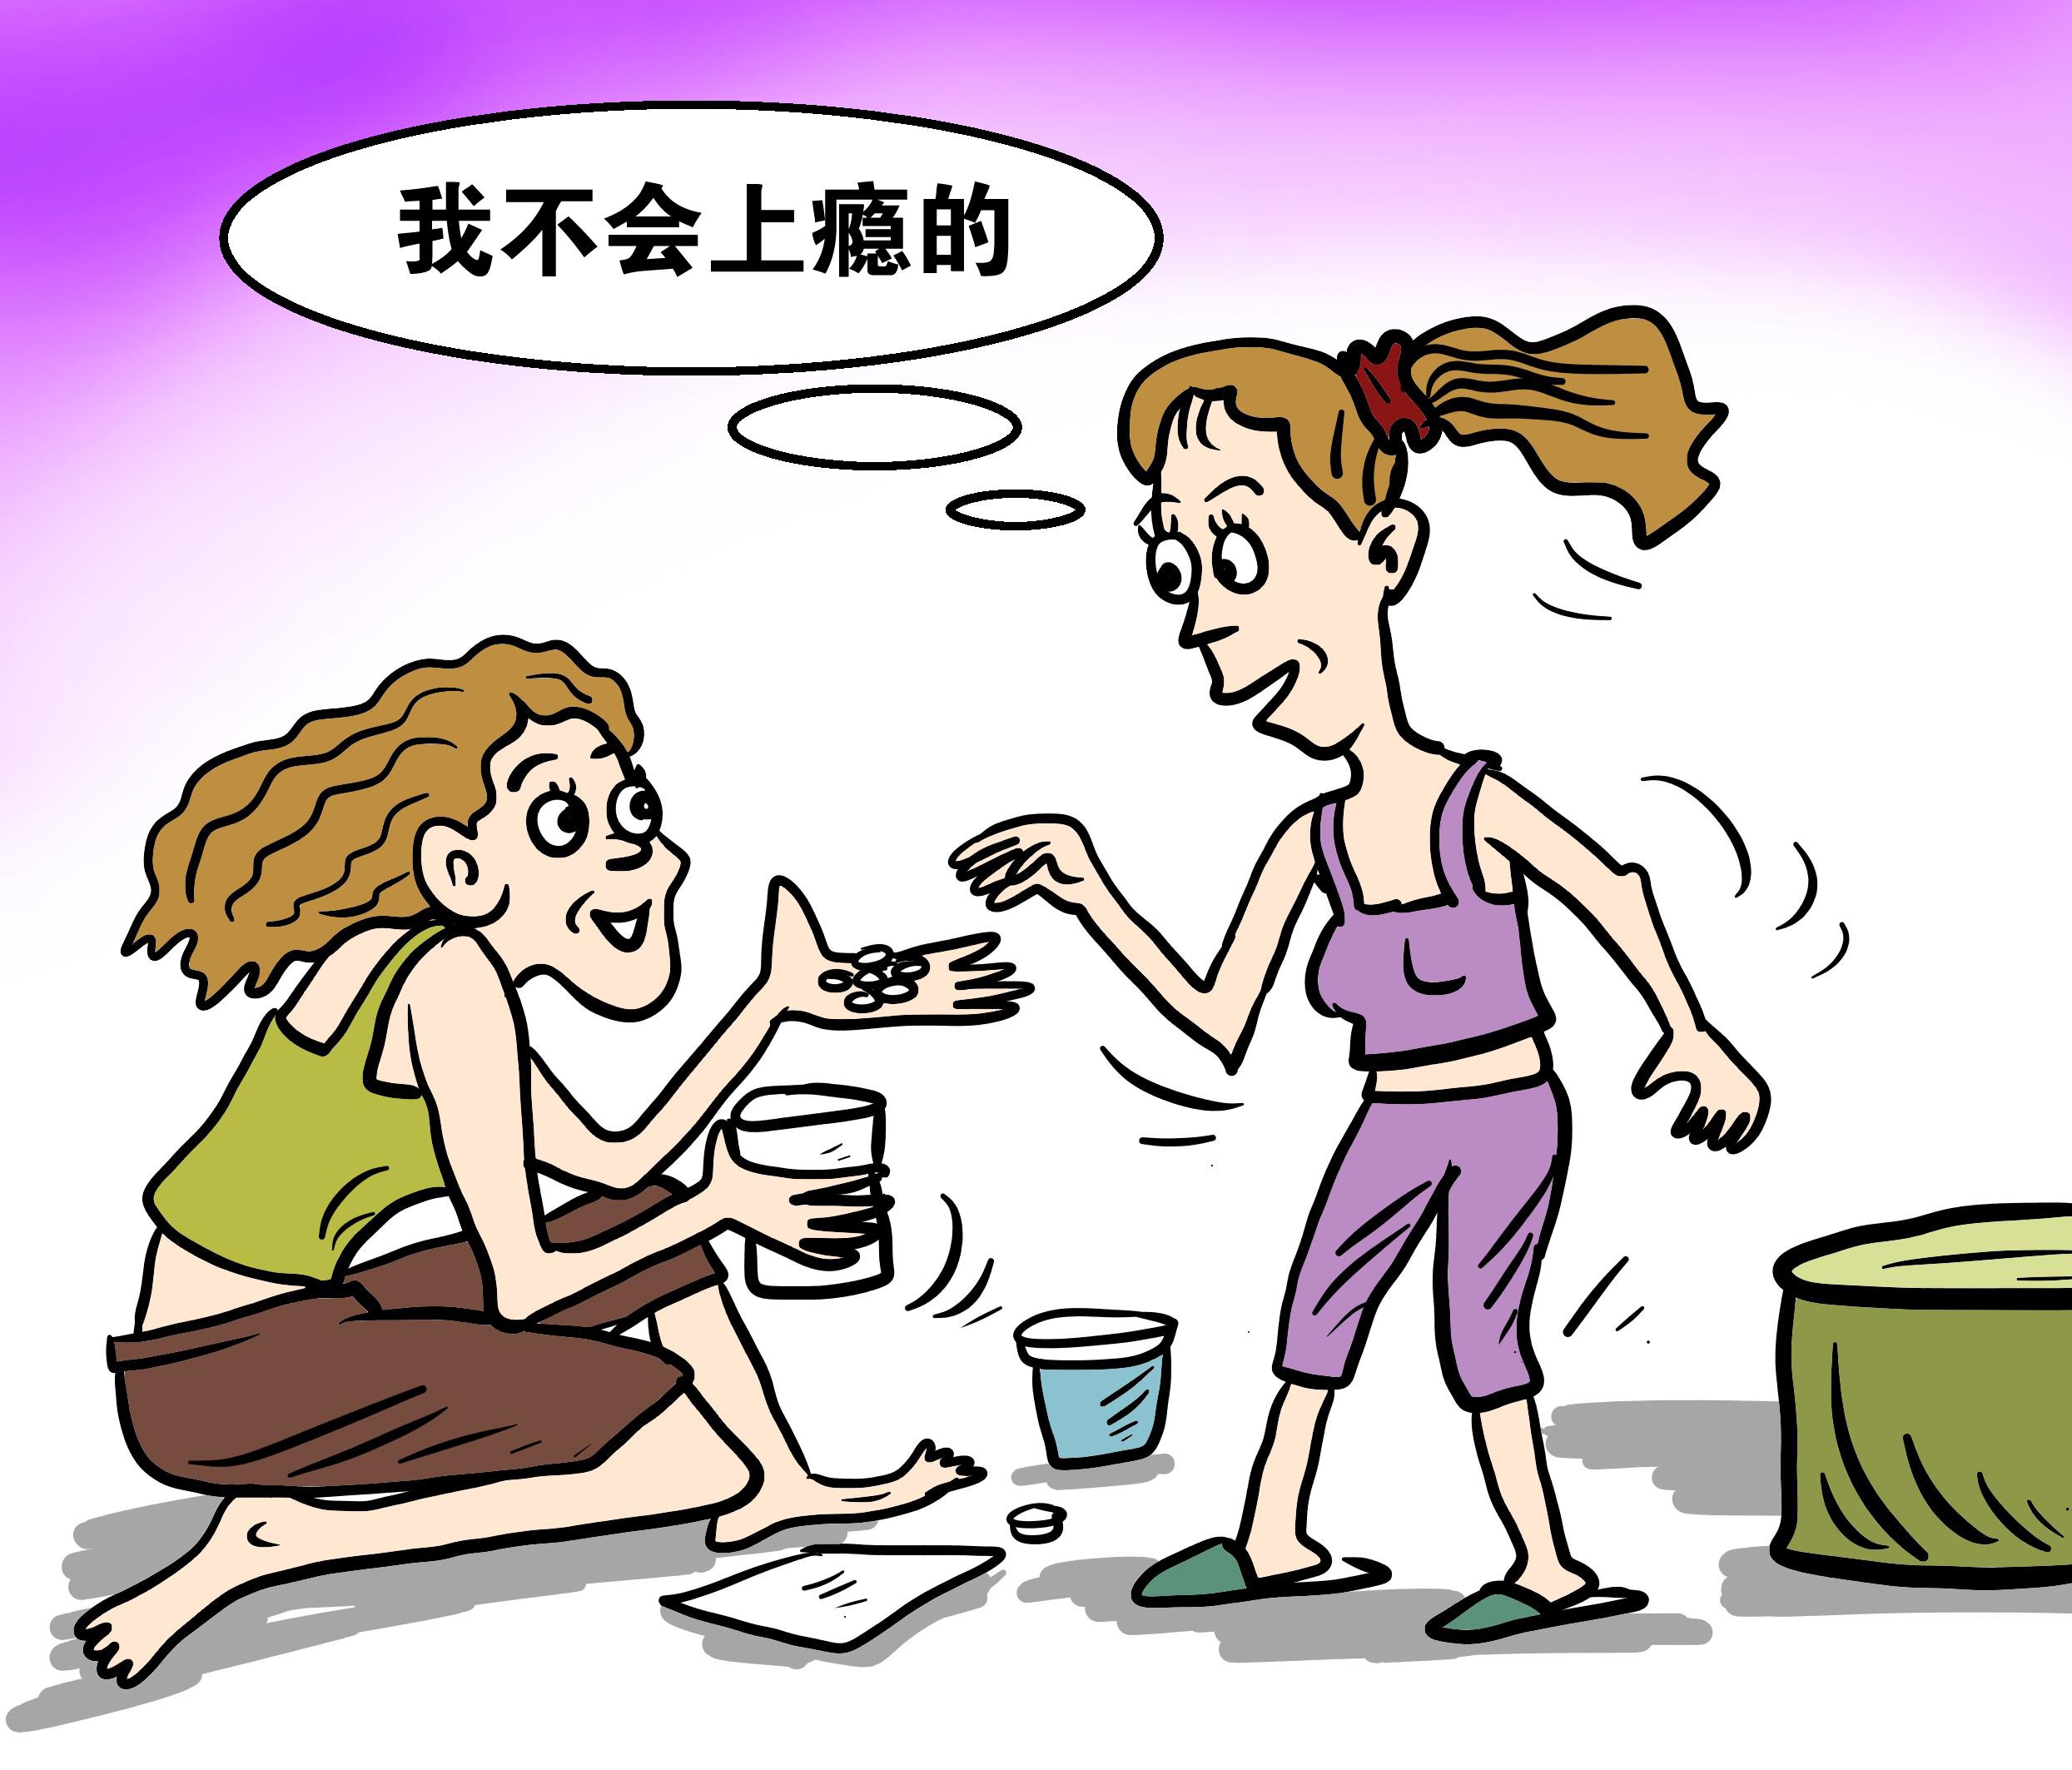 今日温度丨上海打开有道一把焦点禁毒一把心漫画钥匙心的图片